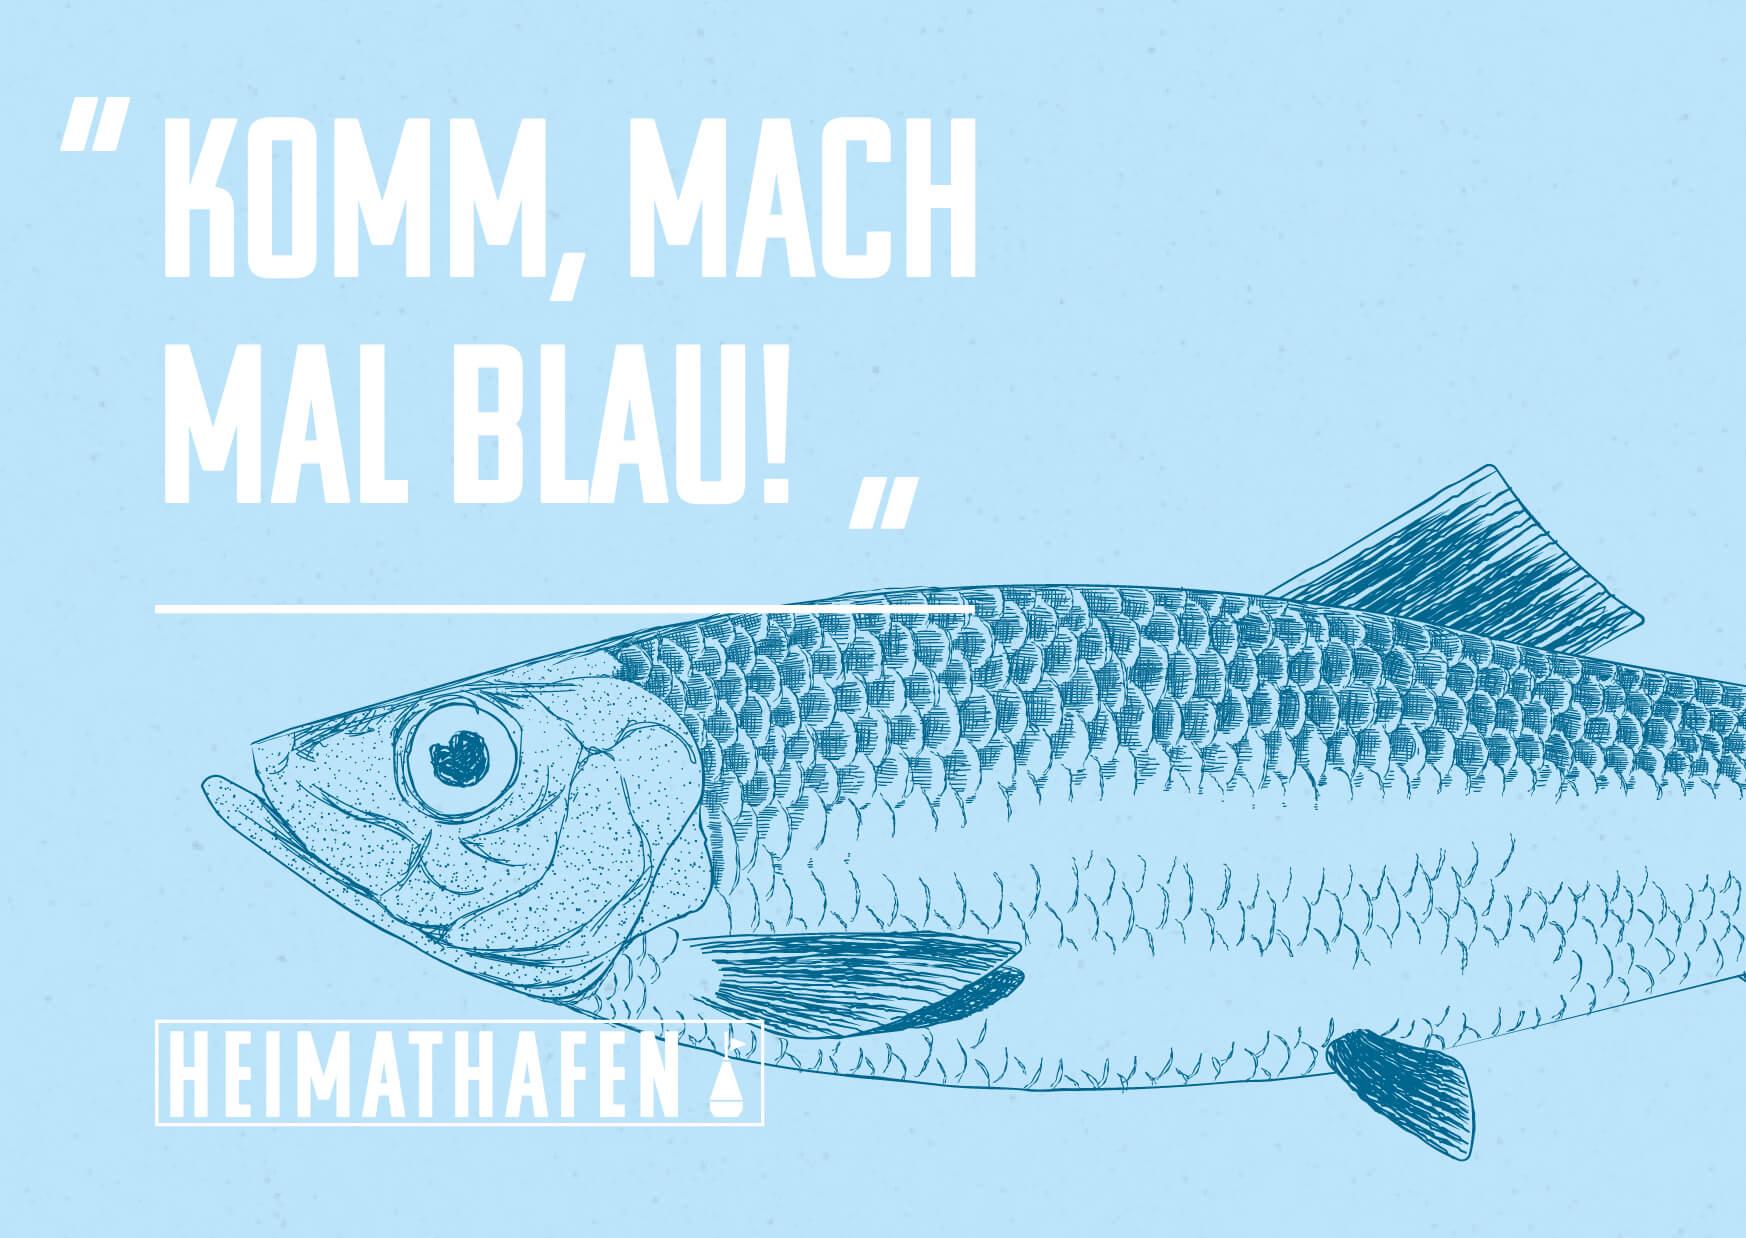 Heimathafen Usedom » Komm, lass blau machen.